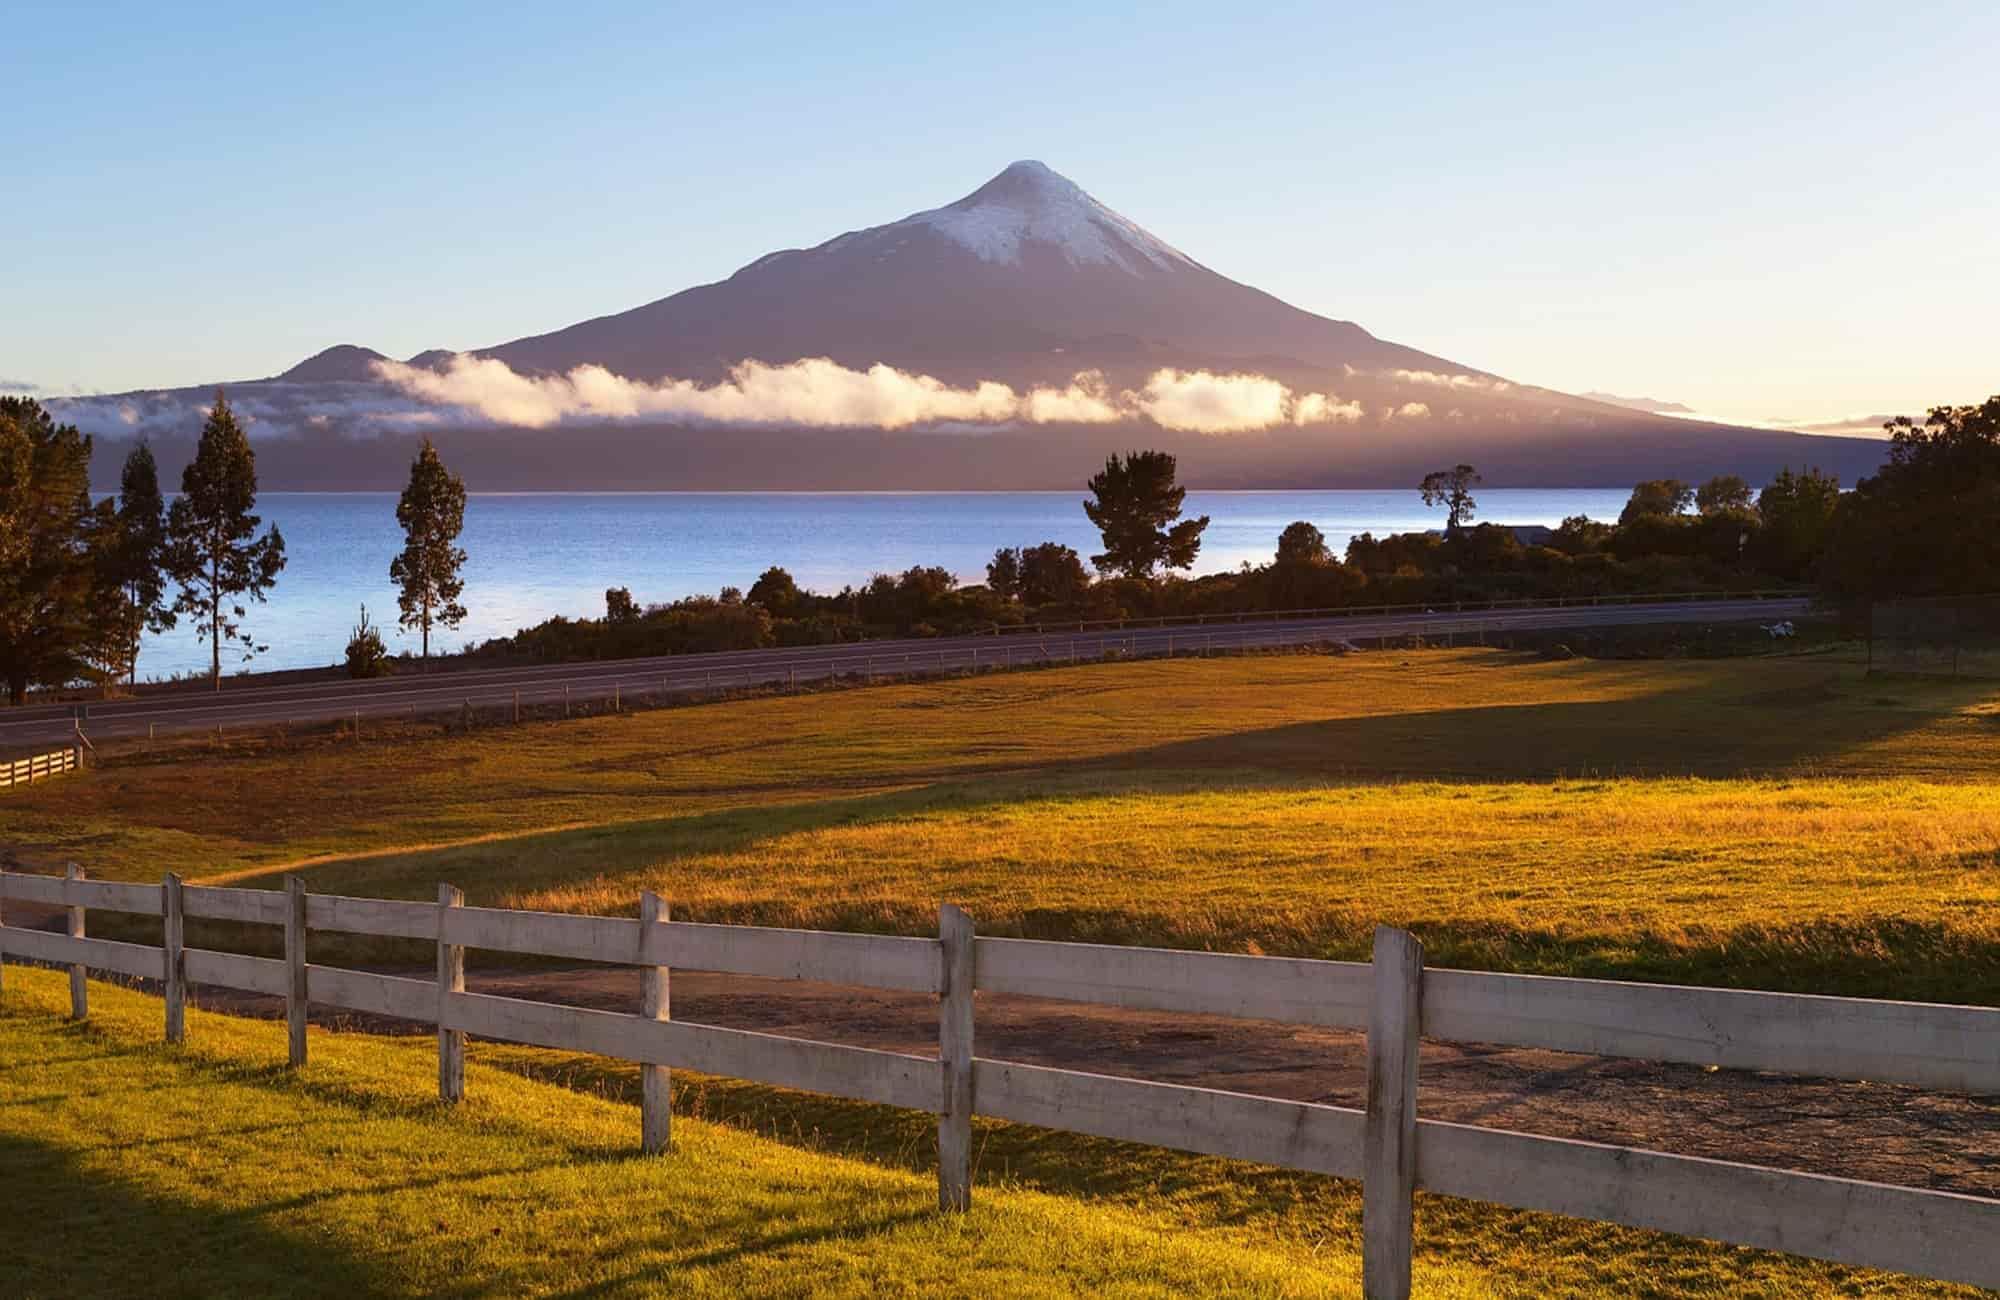 Voyage en Argentine - Volcan Osorno - Amplitudes